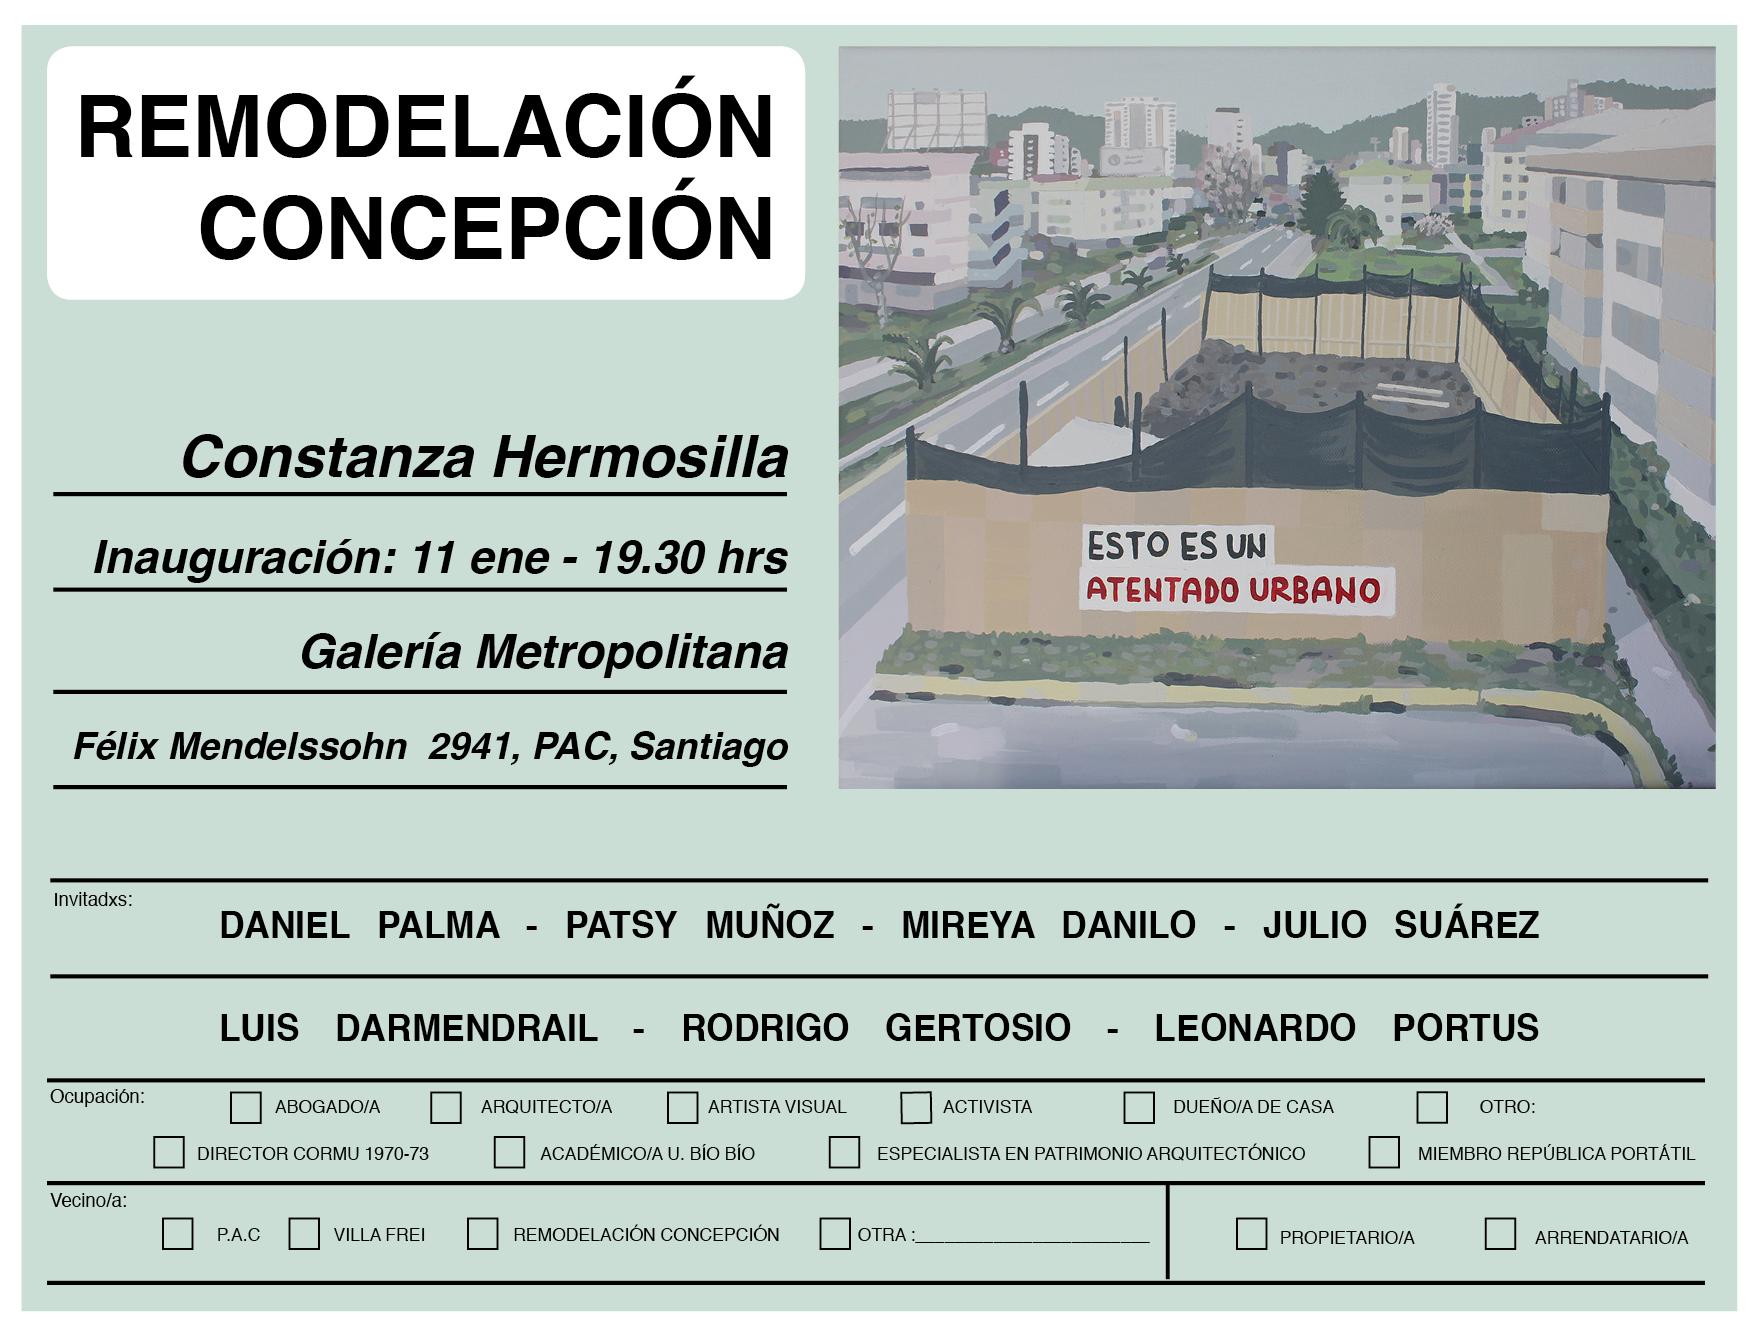 REMODELACIÓN CONCEPCIÓN - Constanza Hermosilla